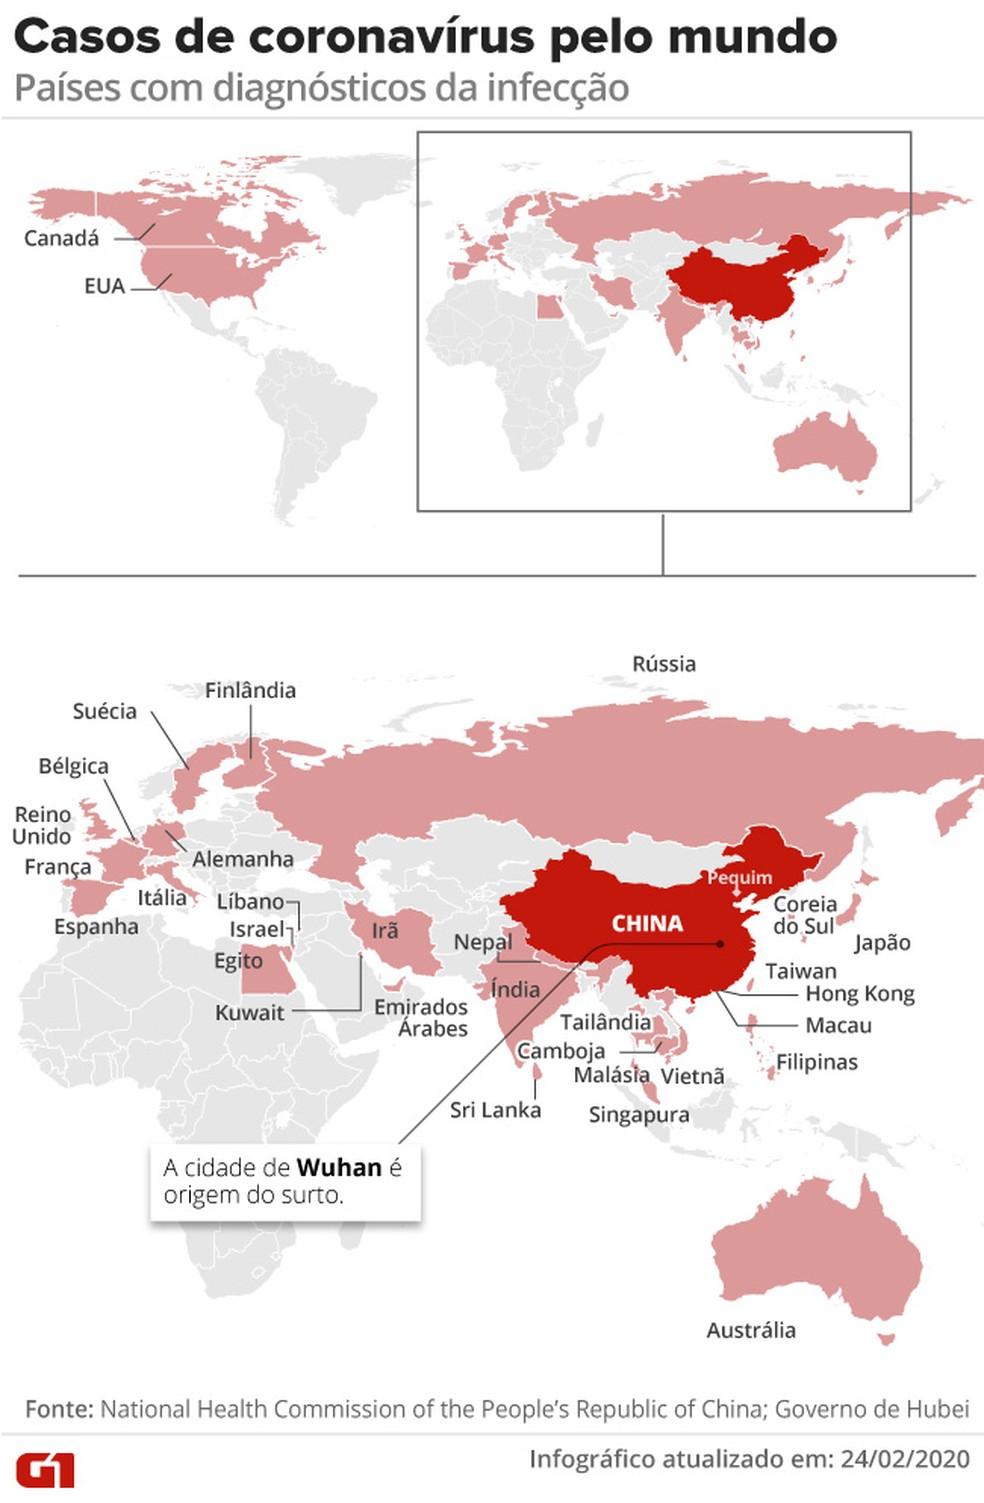 Casos de novo coronavírus pelo mundo, incluindo o Kuwait, nesta segunda-feira (24) — Foto: Arte/G1